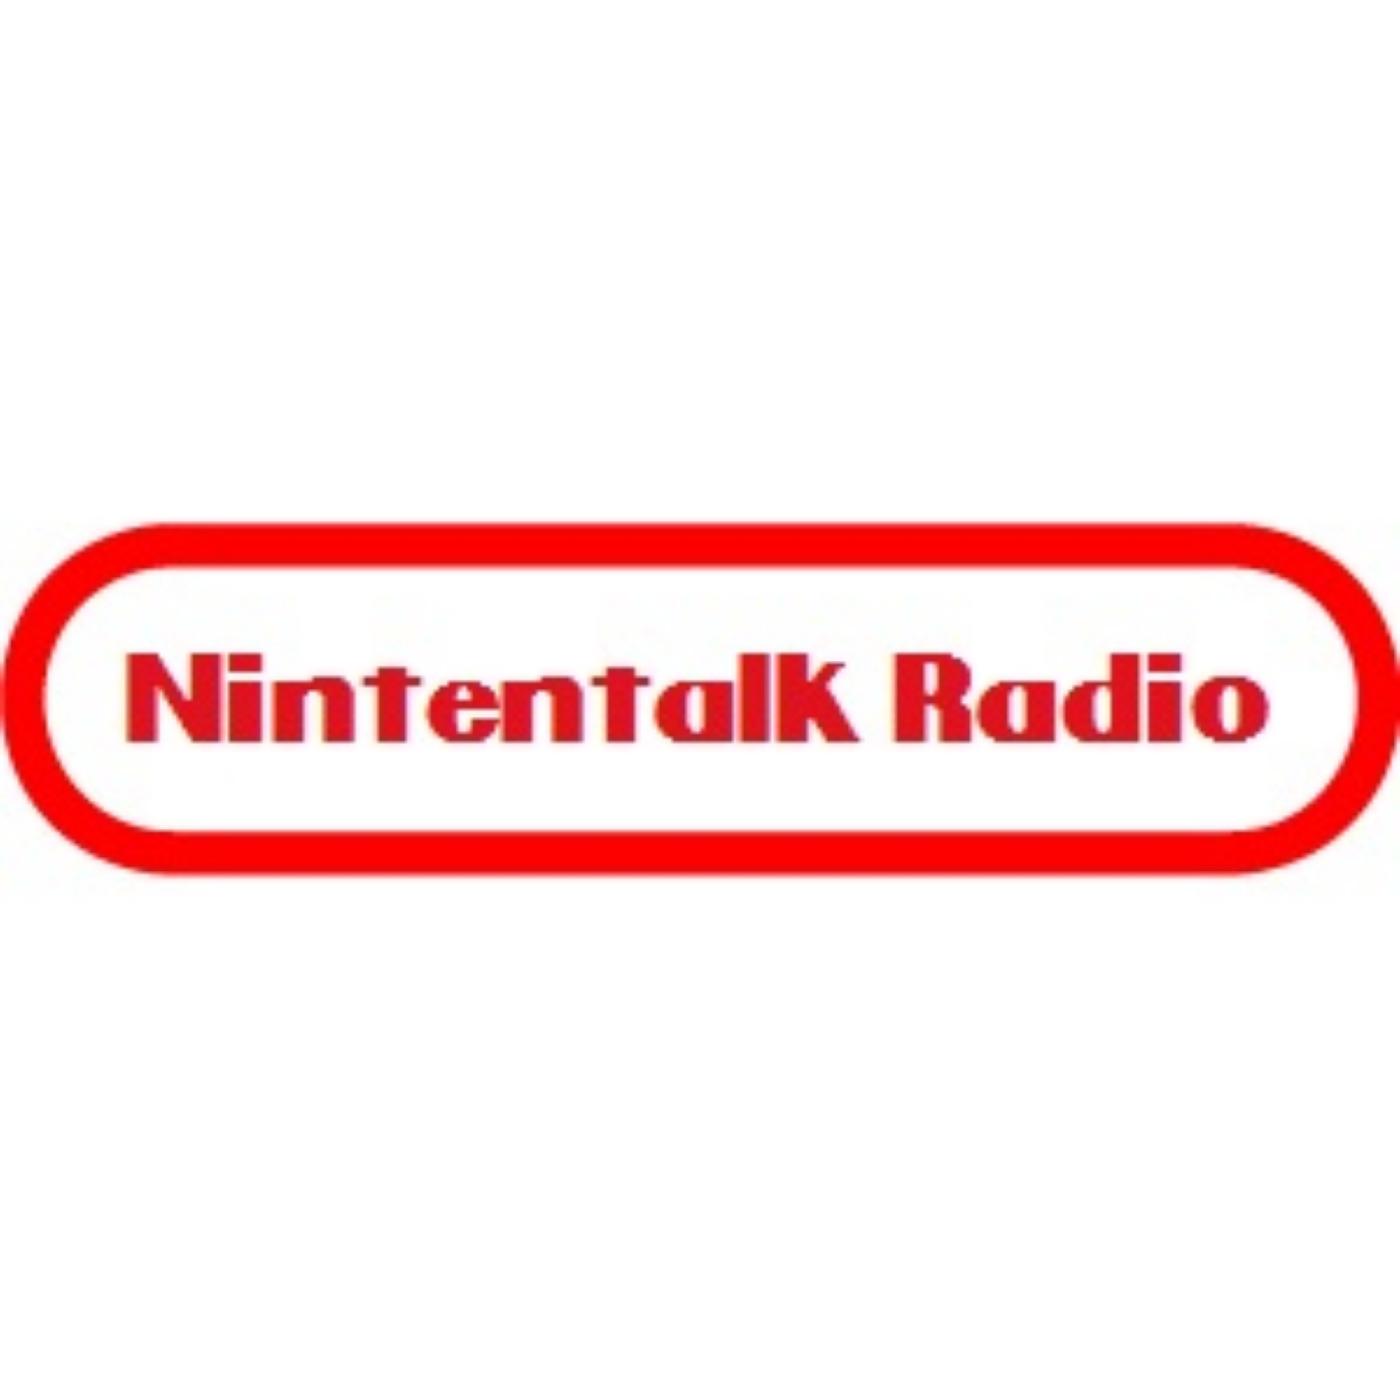 Nintentalk Radio - Nintentalk Radio